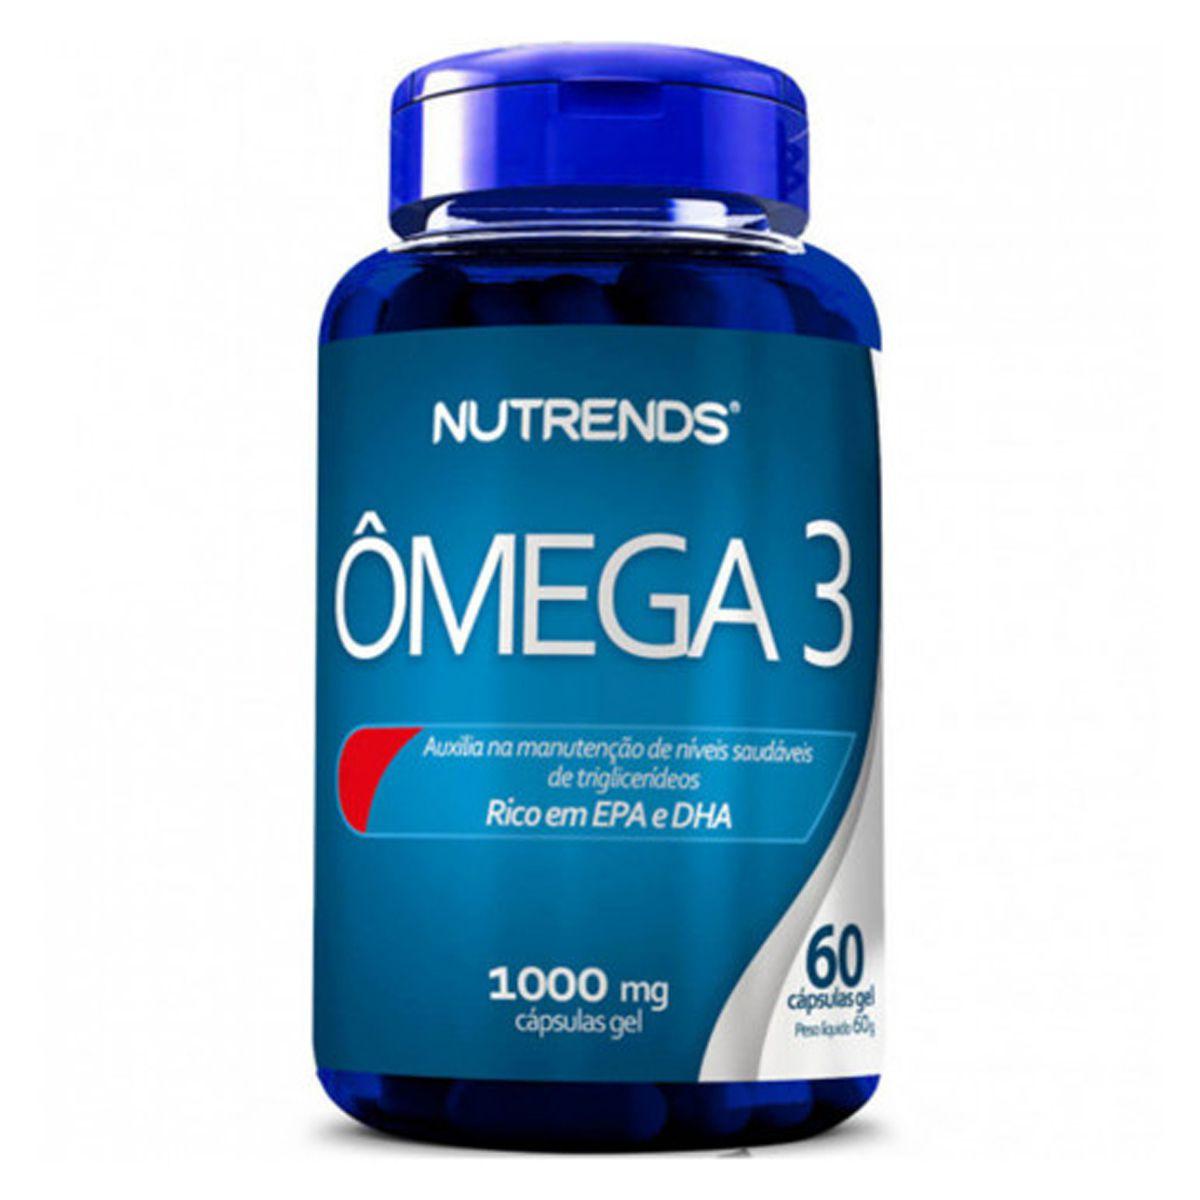 Ômega 3 EPA/DHA 1000mg 60 cápsulas - Nutrends